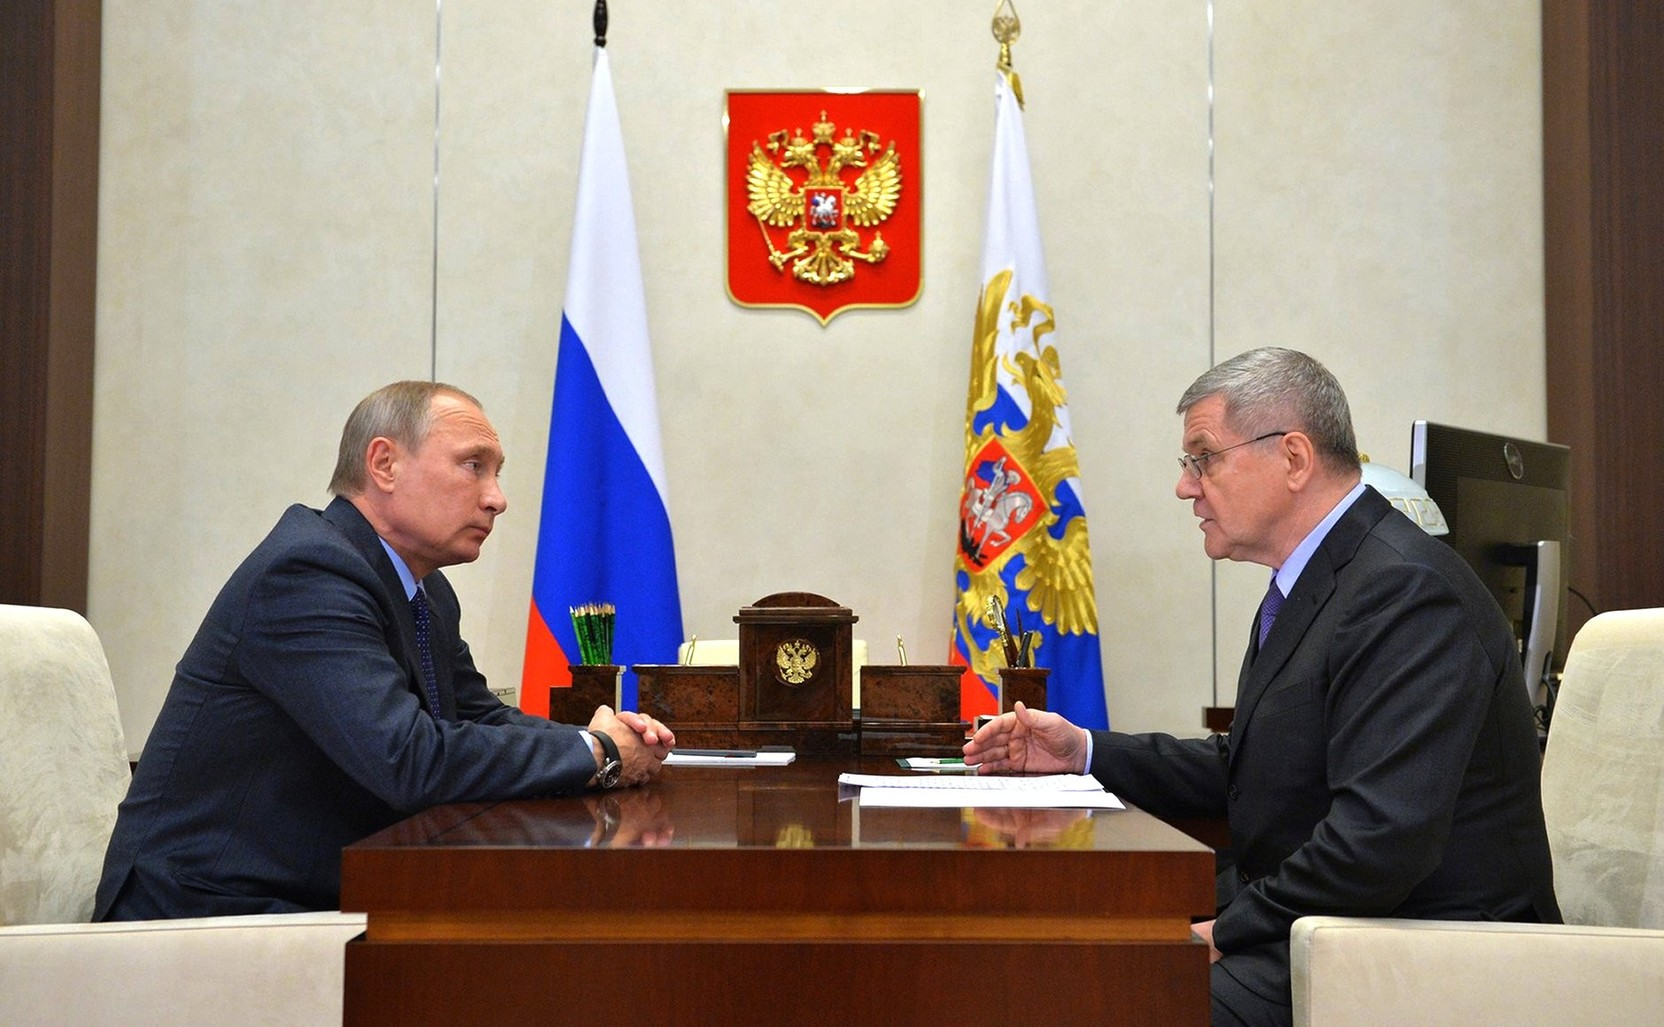 Путин продлил полпреду в СКФО Чайке срок госслужбы